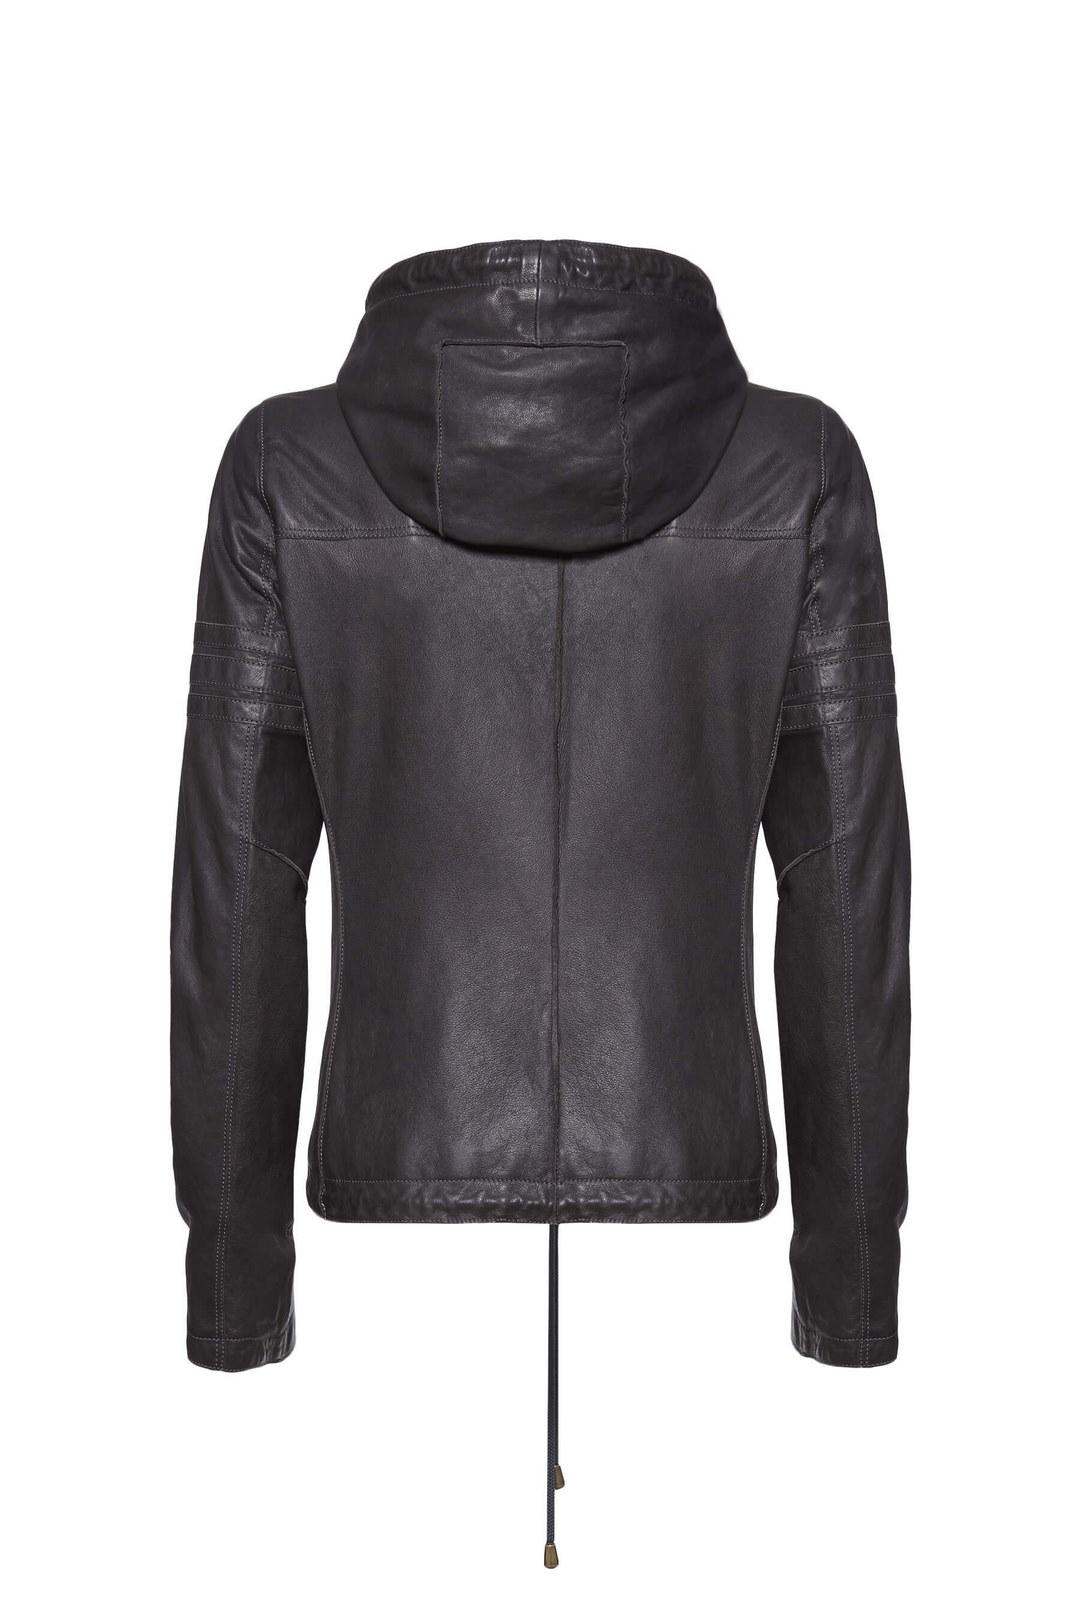 Leather jacket with hood                 2